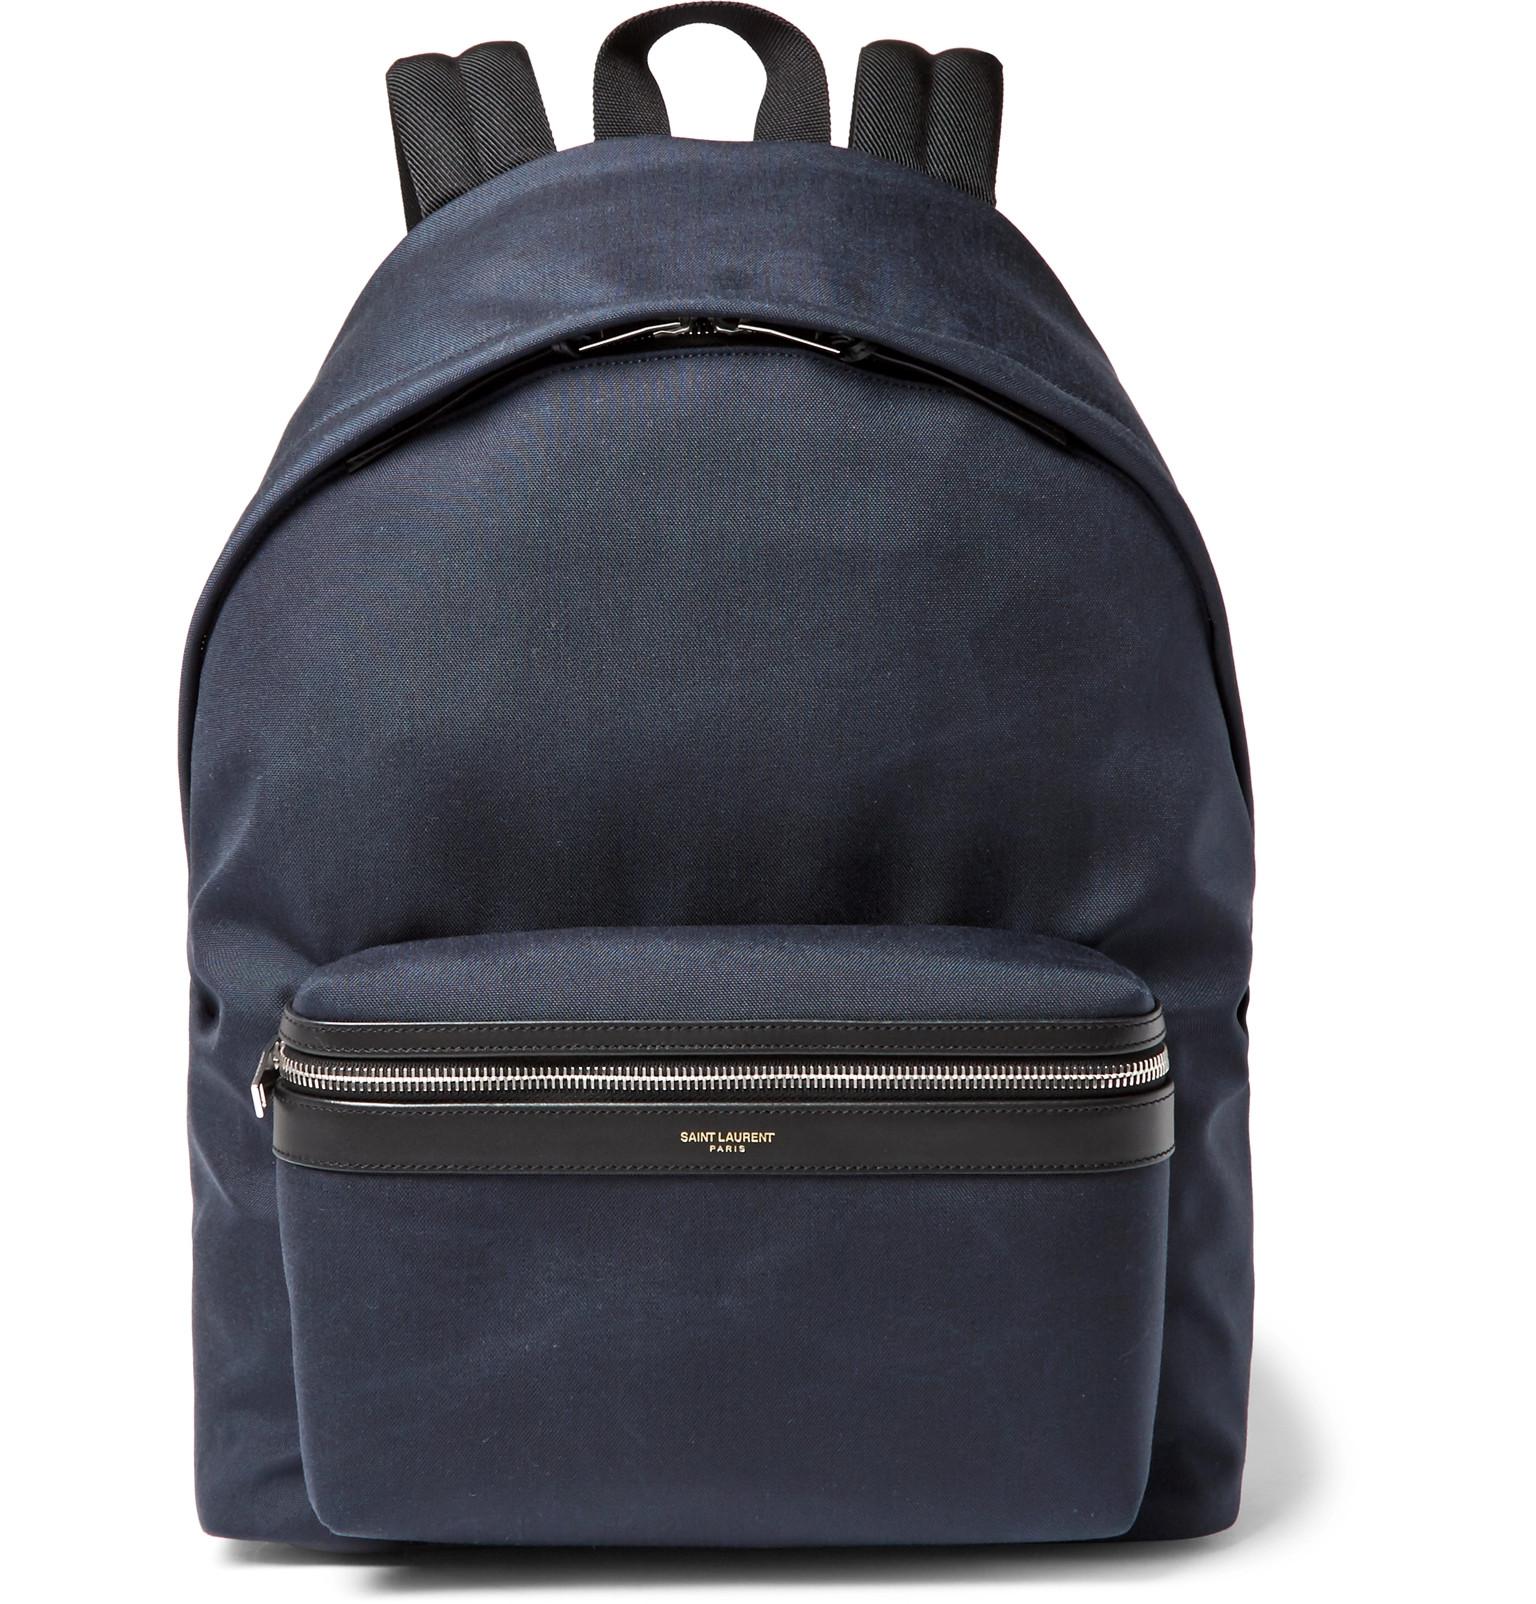 Saint Laurent - City Leather-Trimmed Canvas Backpack 750d6c43977